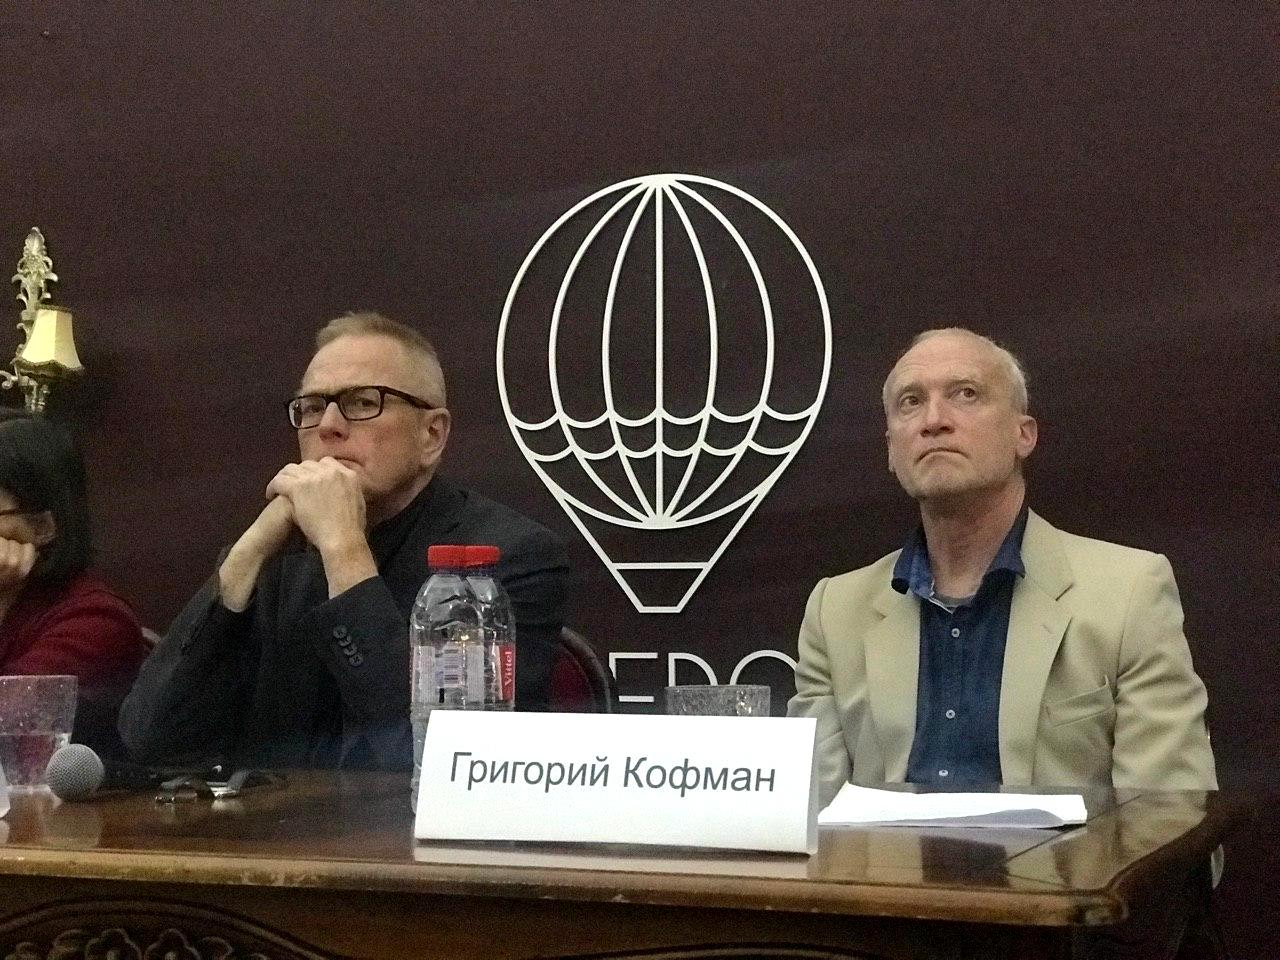 In St. Petersburg wurden zwei Vorträge über Menschenrechte in Deutschland und Russland gehalten